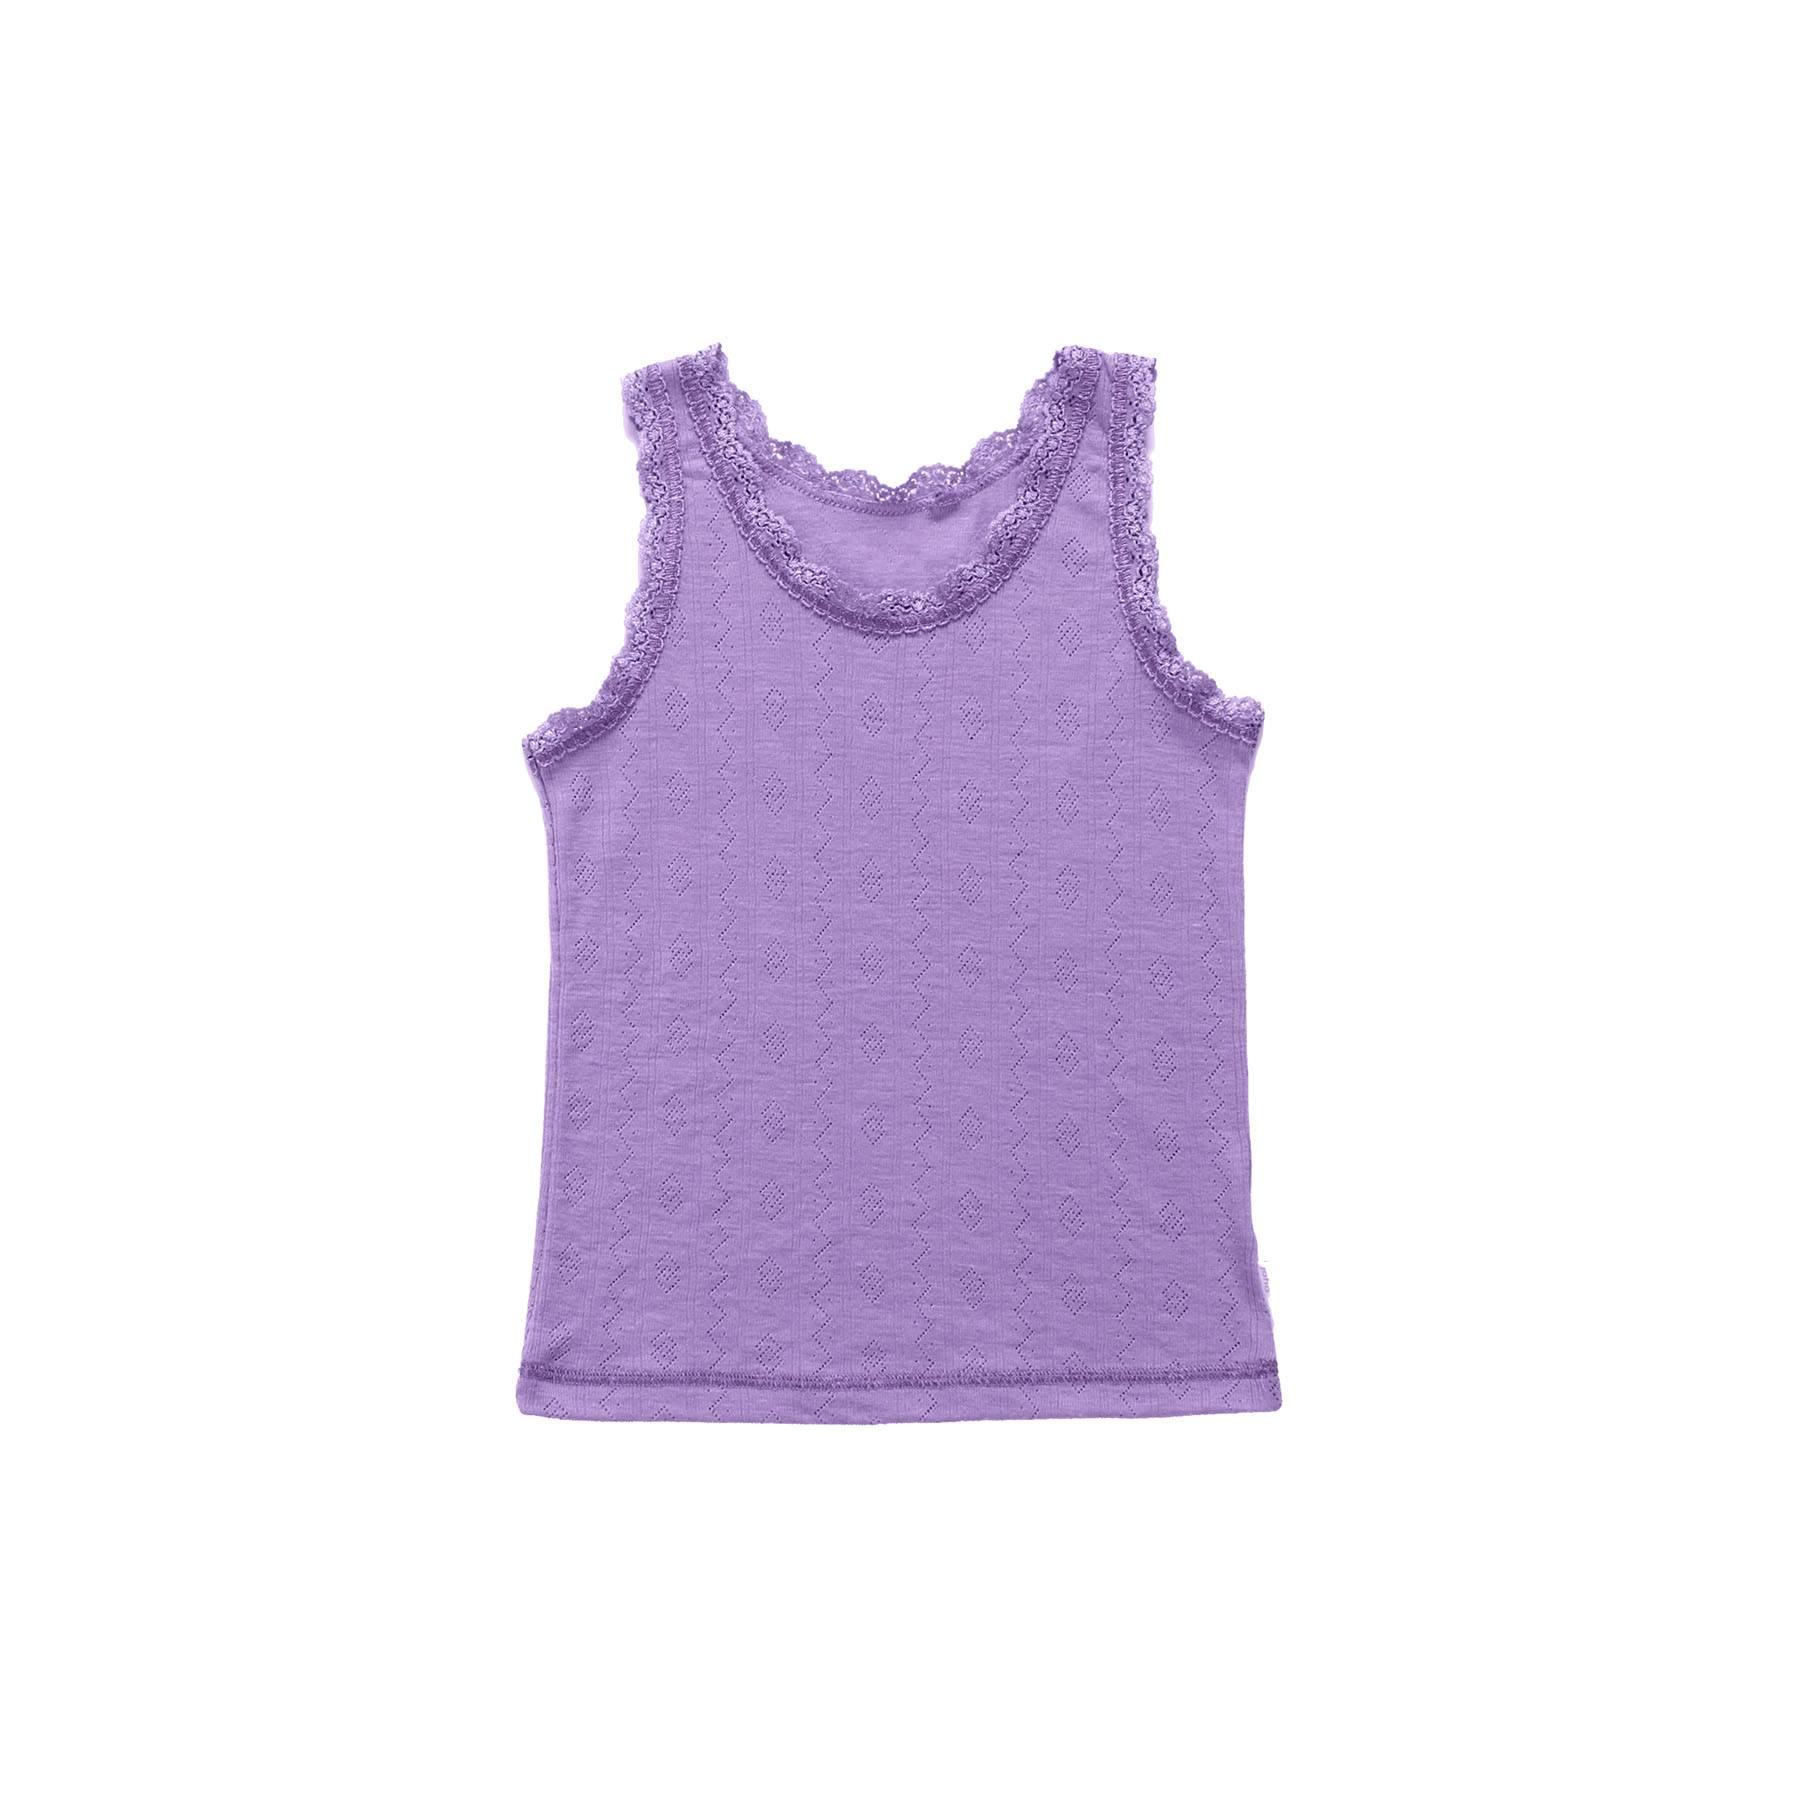 1a335aefaf6 Joha undertrøje til pige - Uld silke - Hulmønster og blondekanter - Lilla